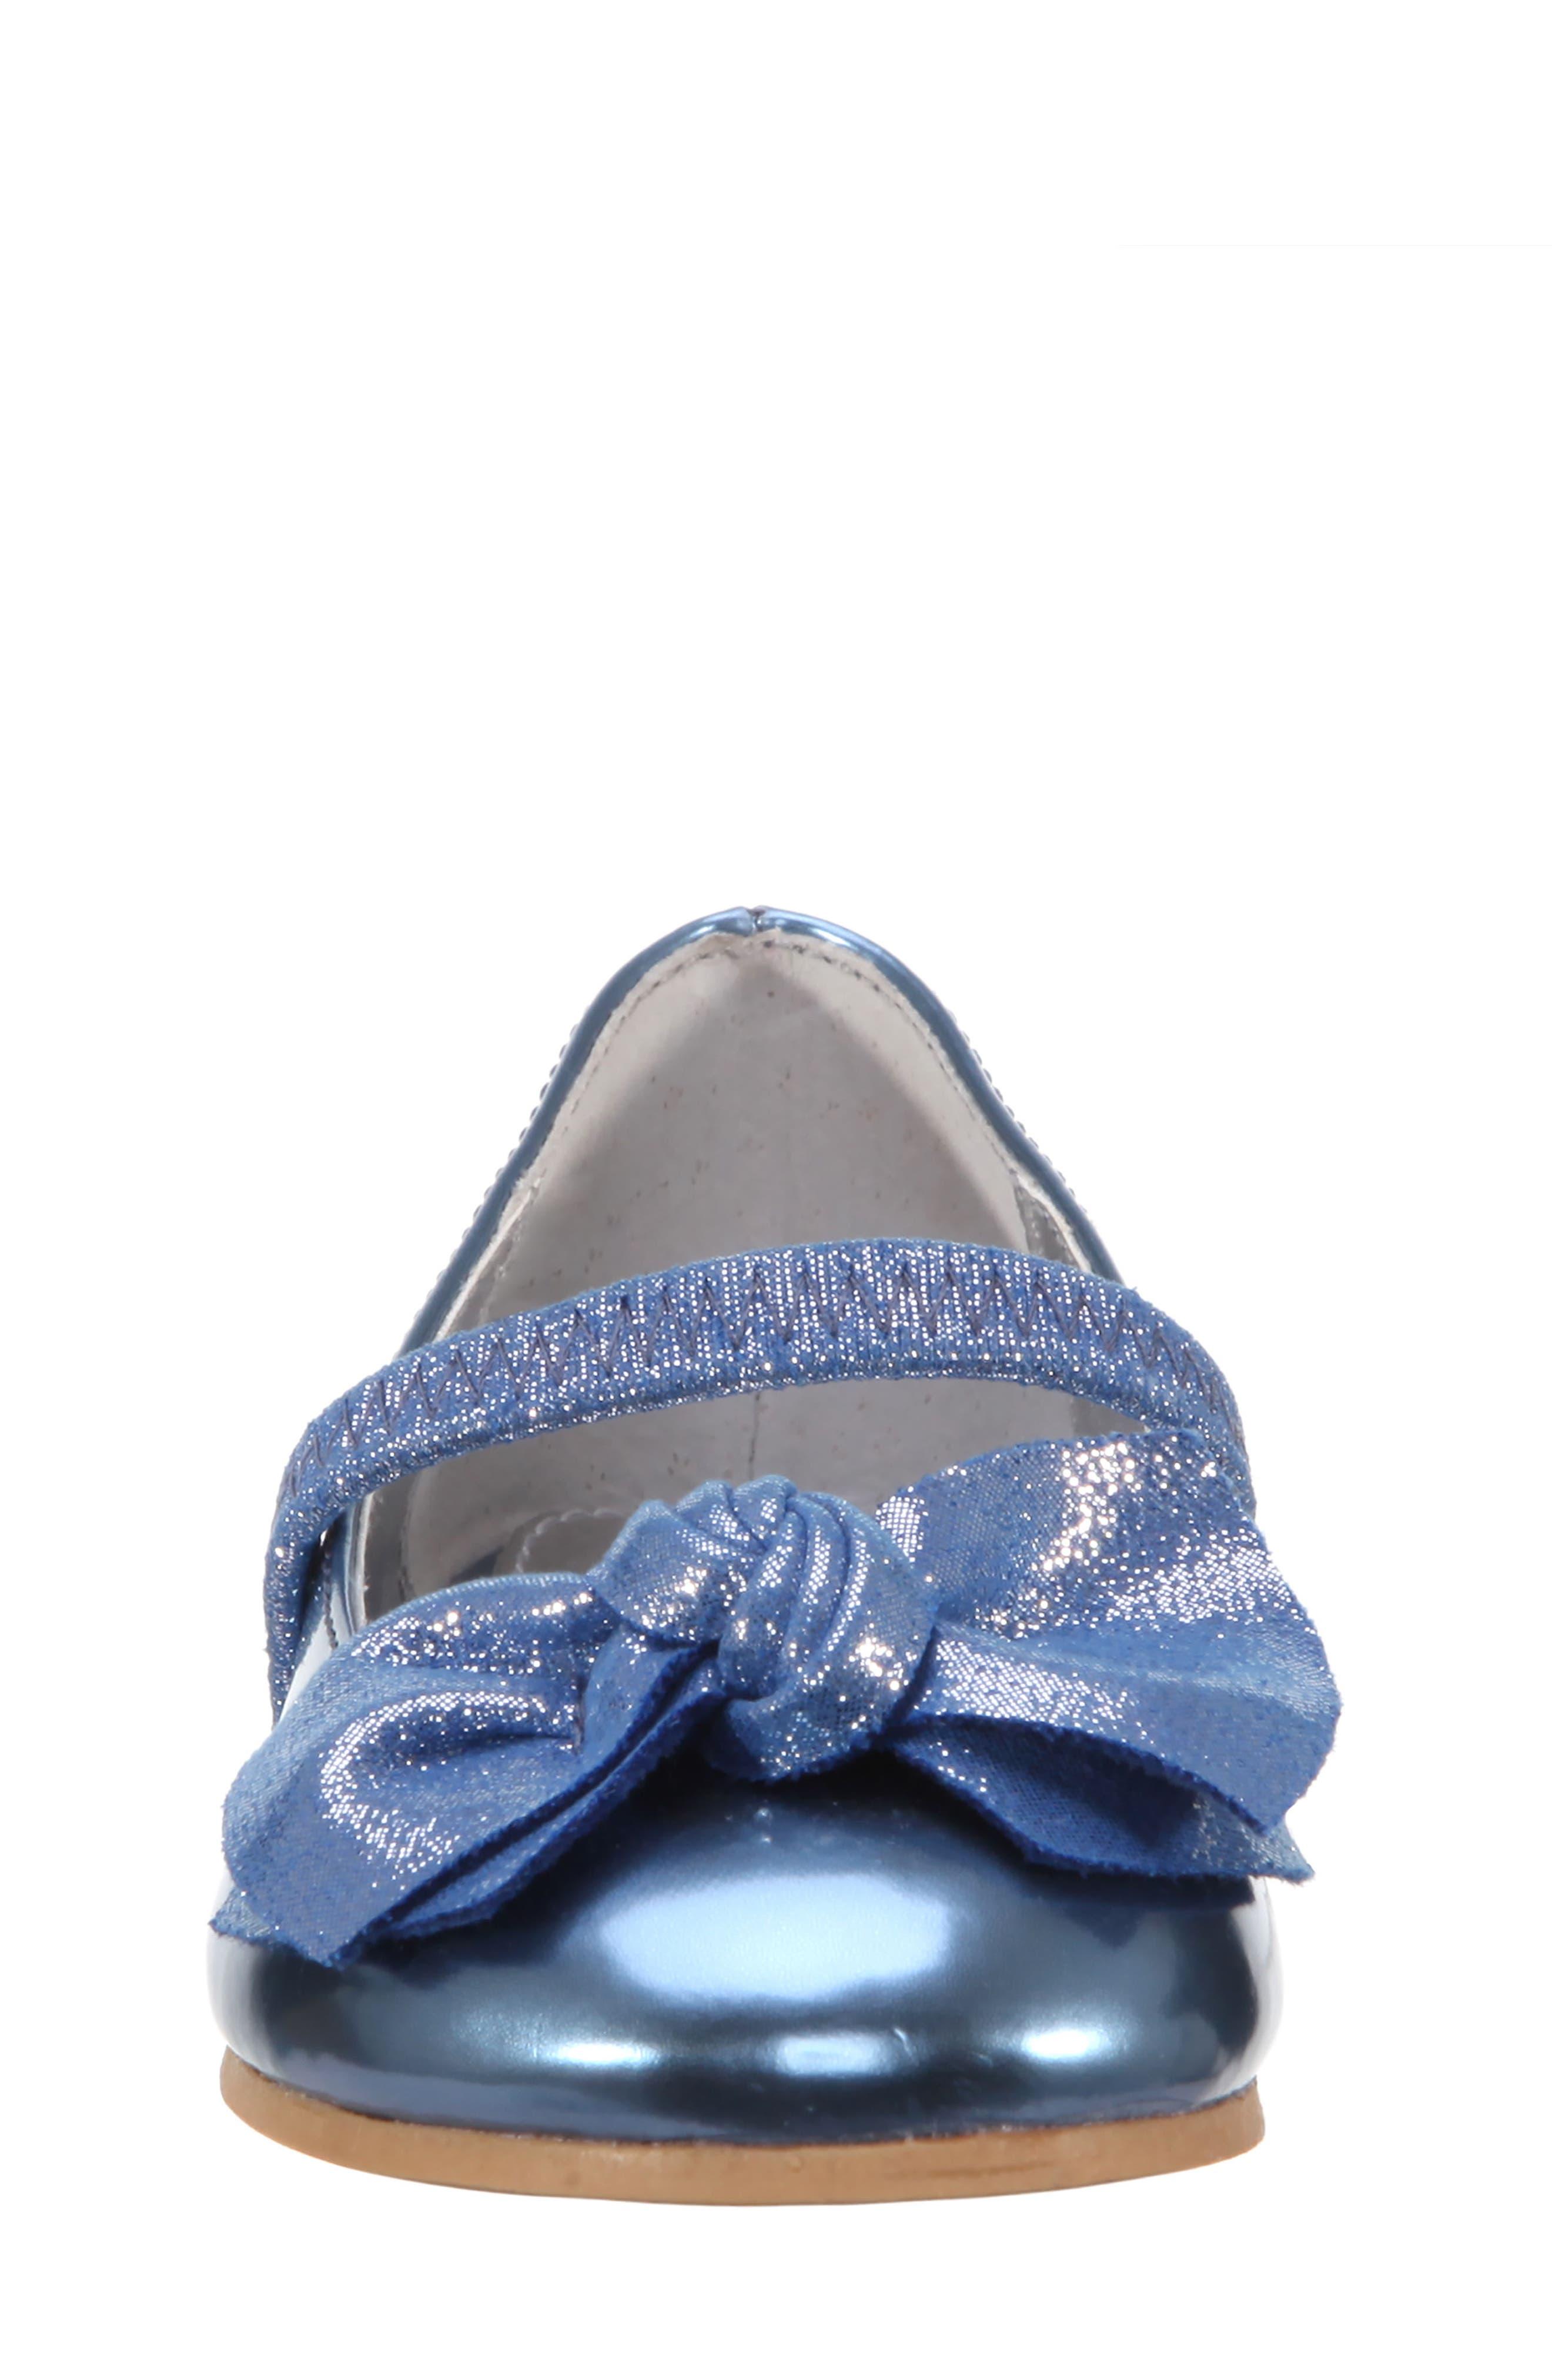 Kaytelyn-T Glitter Bow Ballet Flat,                             Alternate thumbnail 4, color,                             Blue Mirror Metallic